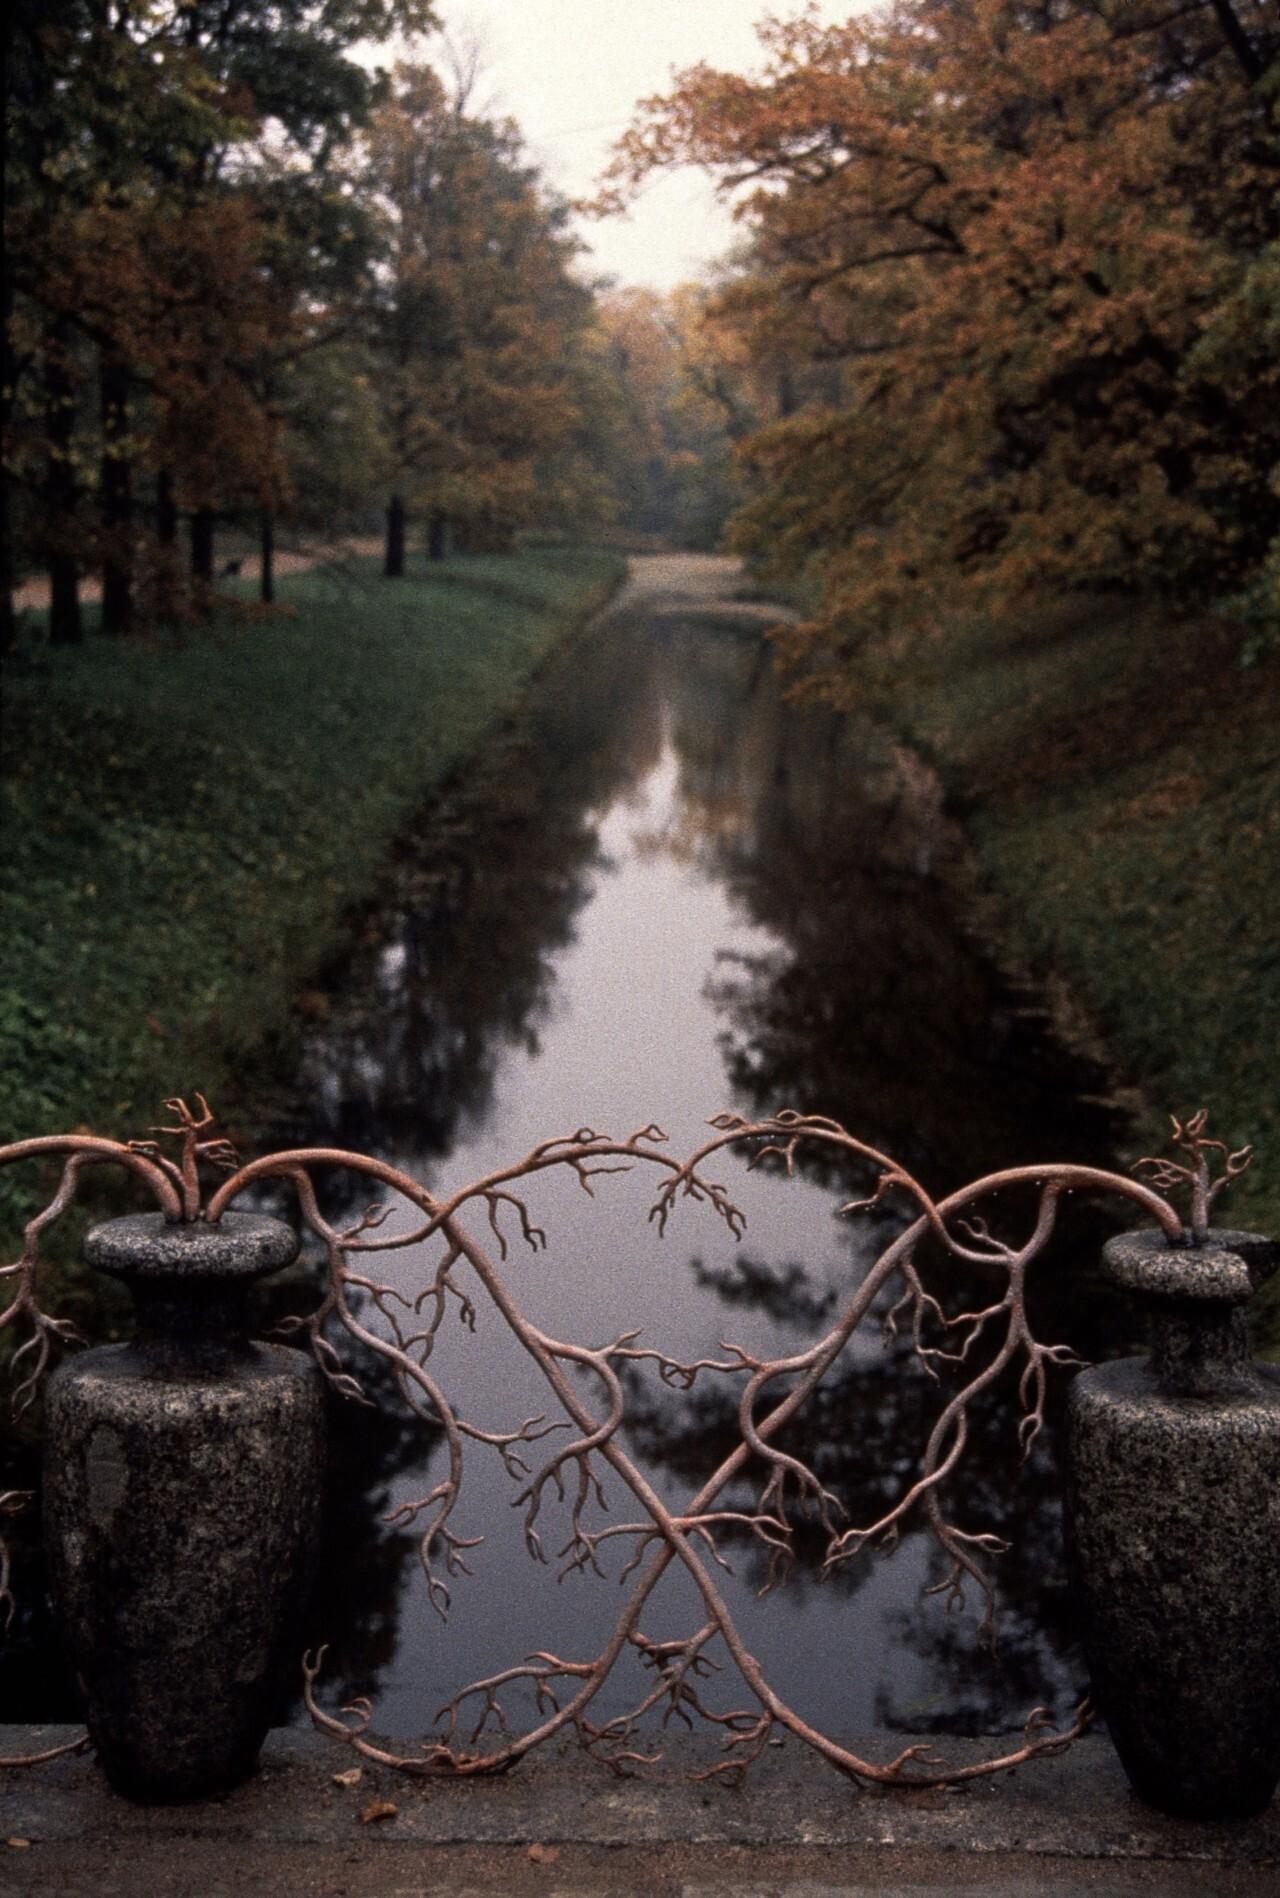 Александровский парк, гранитные вазы на мосту, ограда выполнена в виде коралловых ветвей, Пушкин, 1989 год. Фотограф Инге Морат